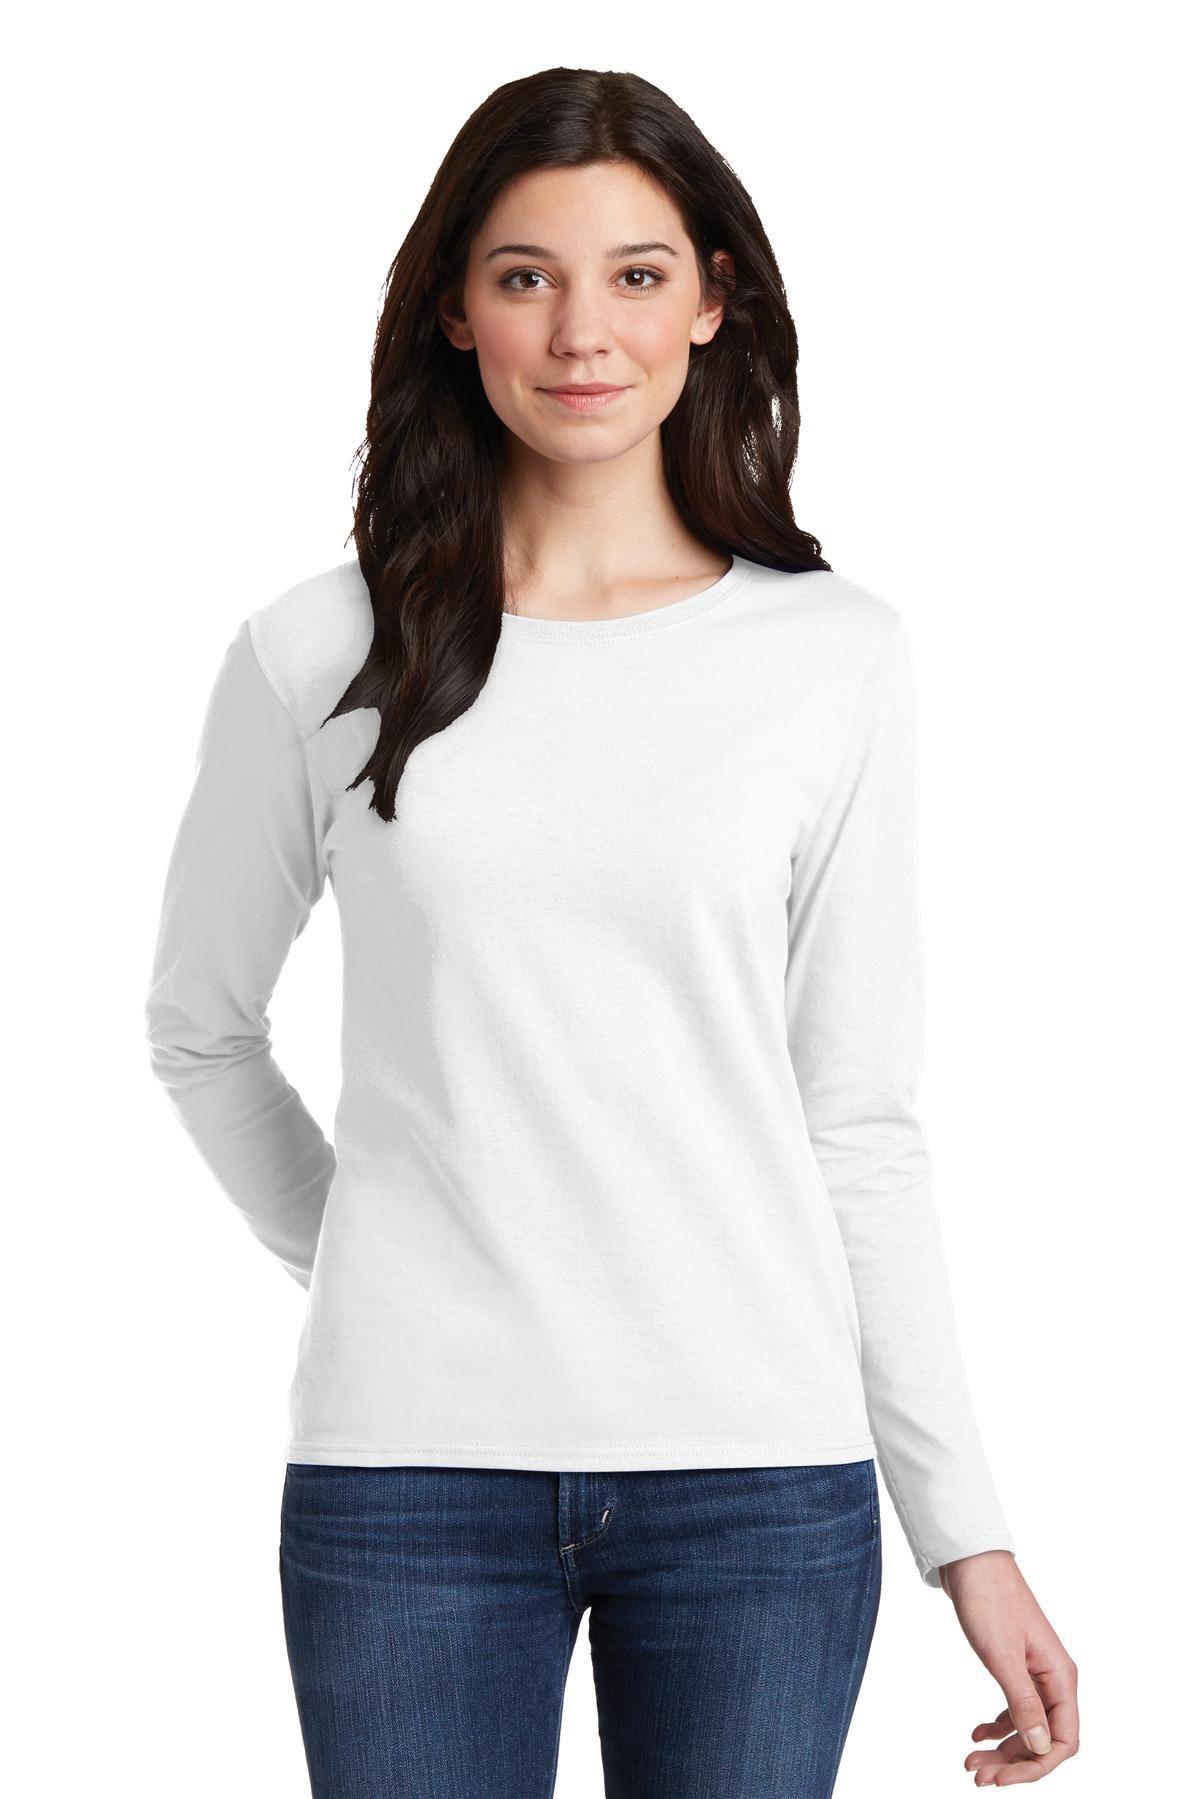 MegLio Kaos Polos Wanita - T - Shirt Unisex cewek cowok Lengan Panjang